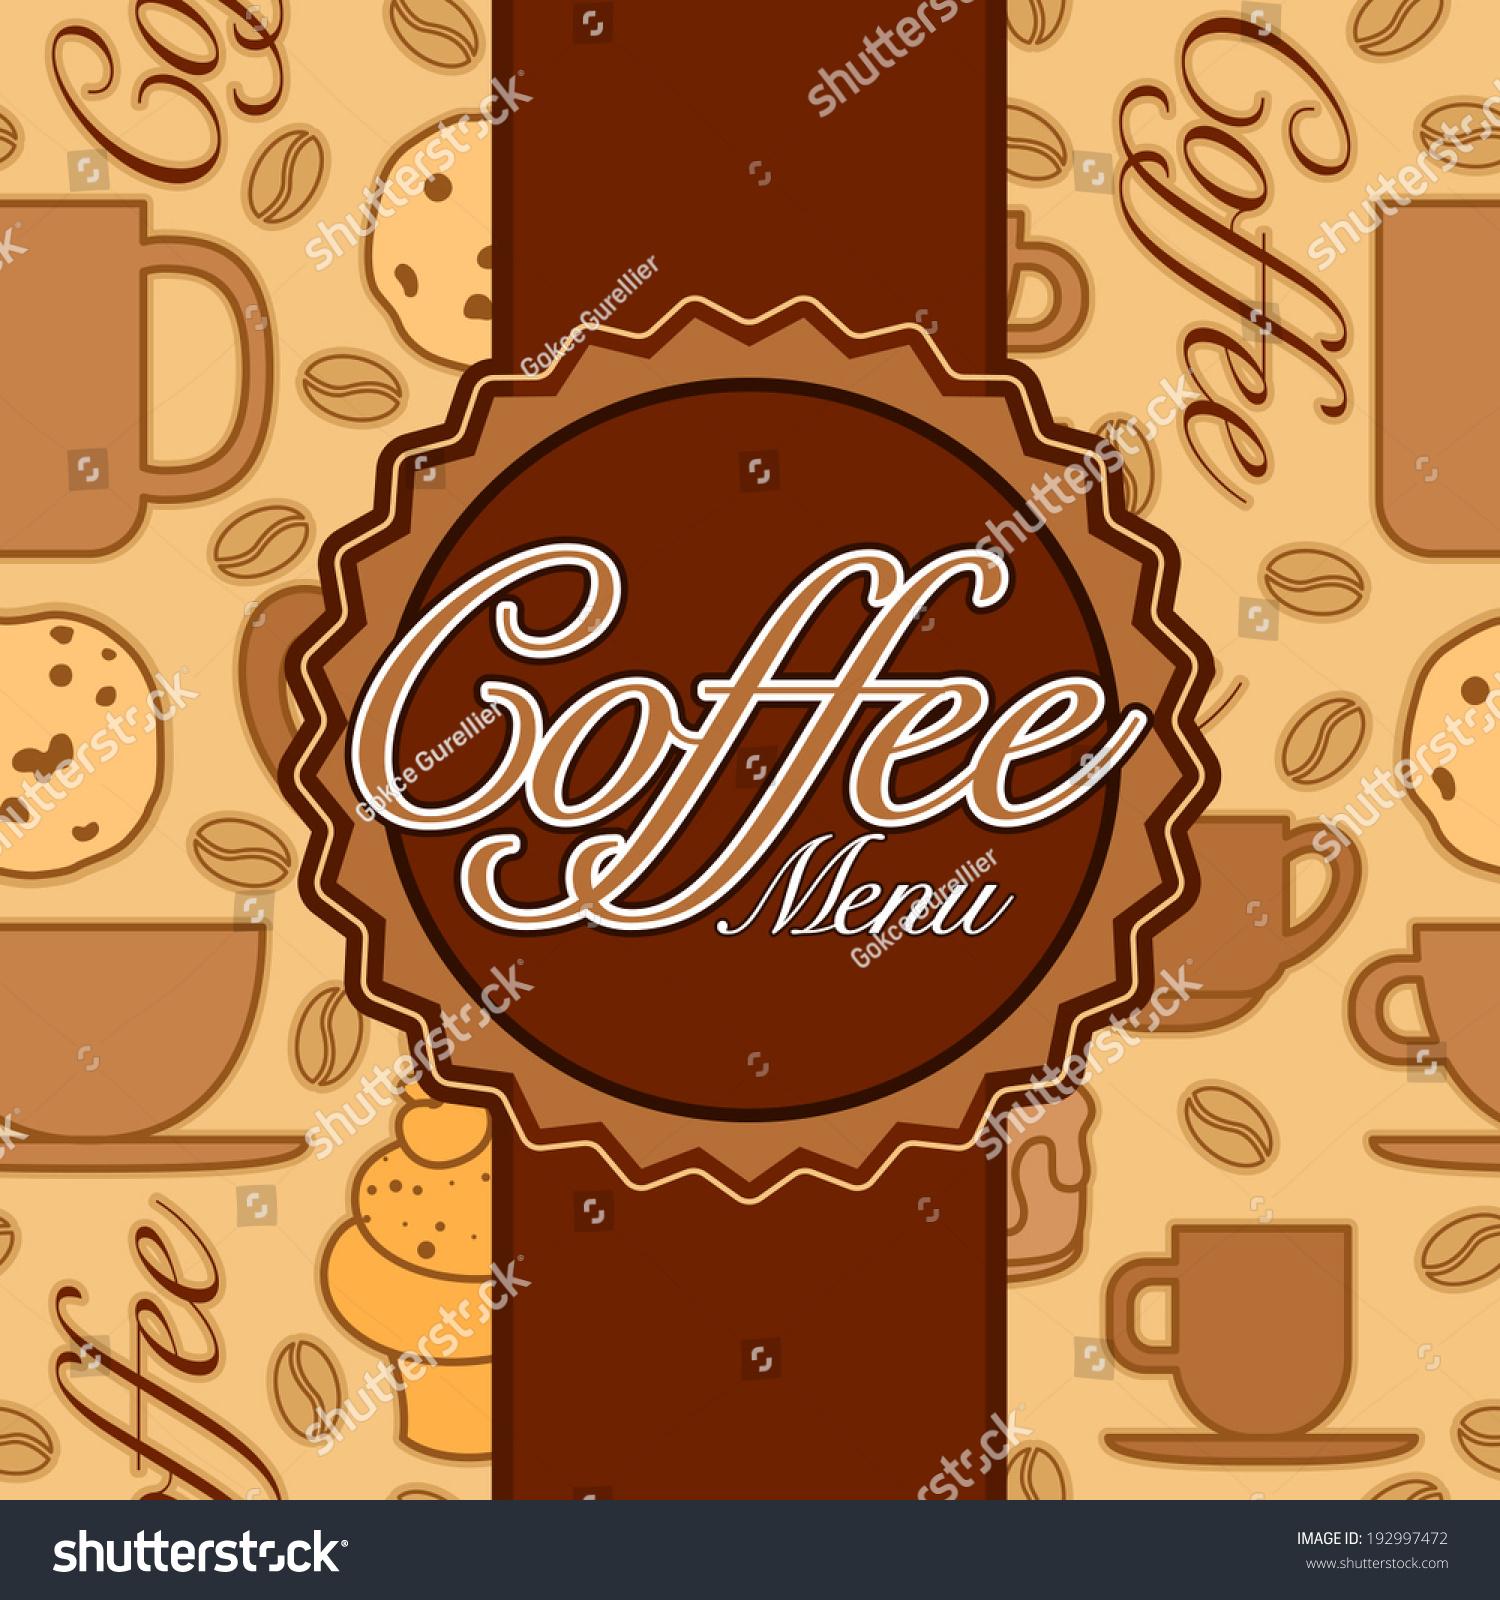 vector coffee menu design coffee shop stock vector 192997472